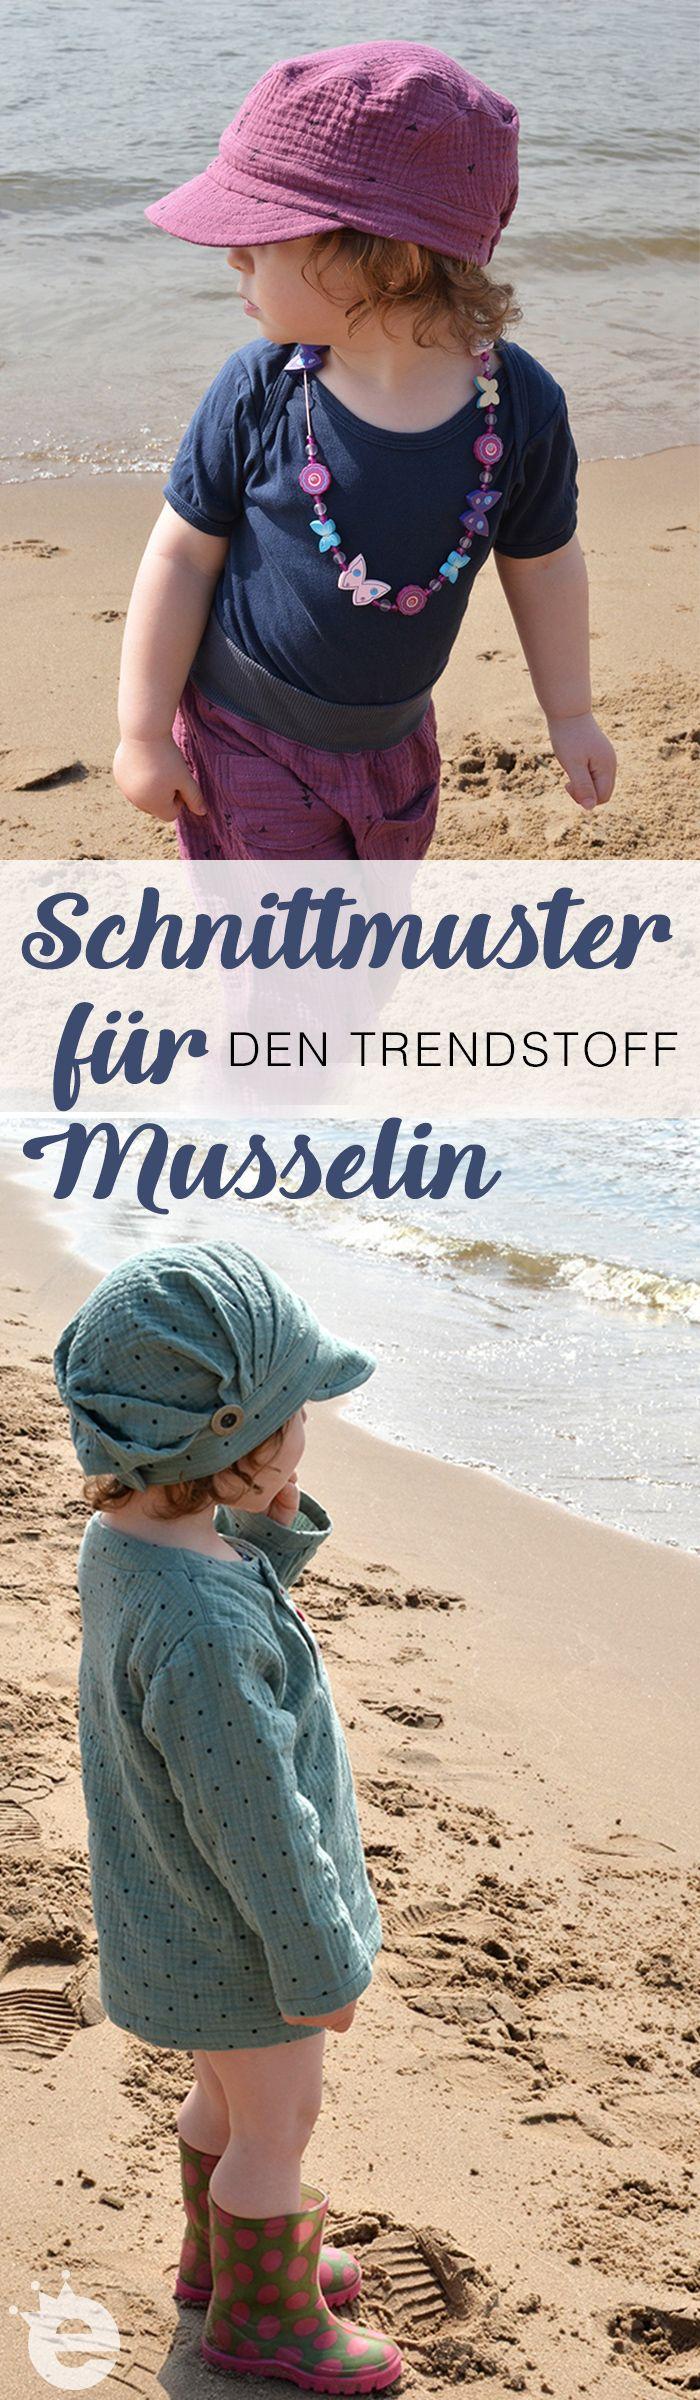 Erprobte Kinder-Schnittmuster für Musselin und Double Gauze. Für Jungs und Mädchen zum selber nähen. Von erbsenprinzessin.com